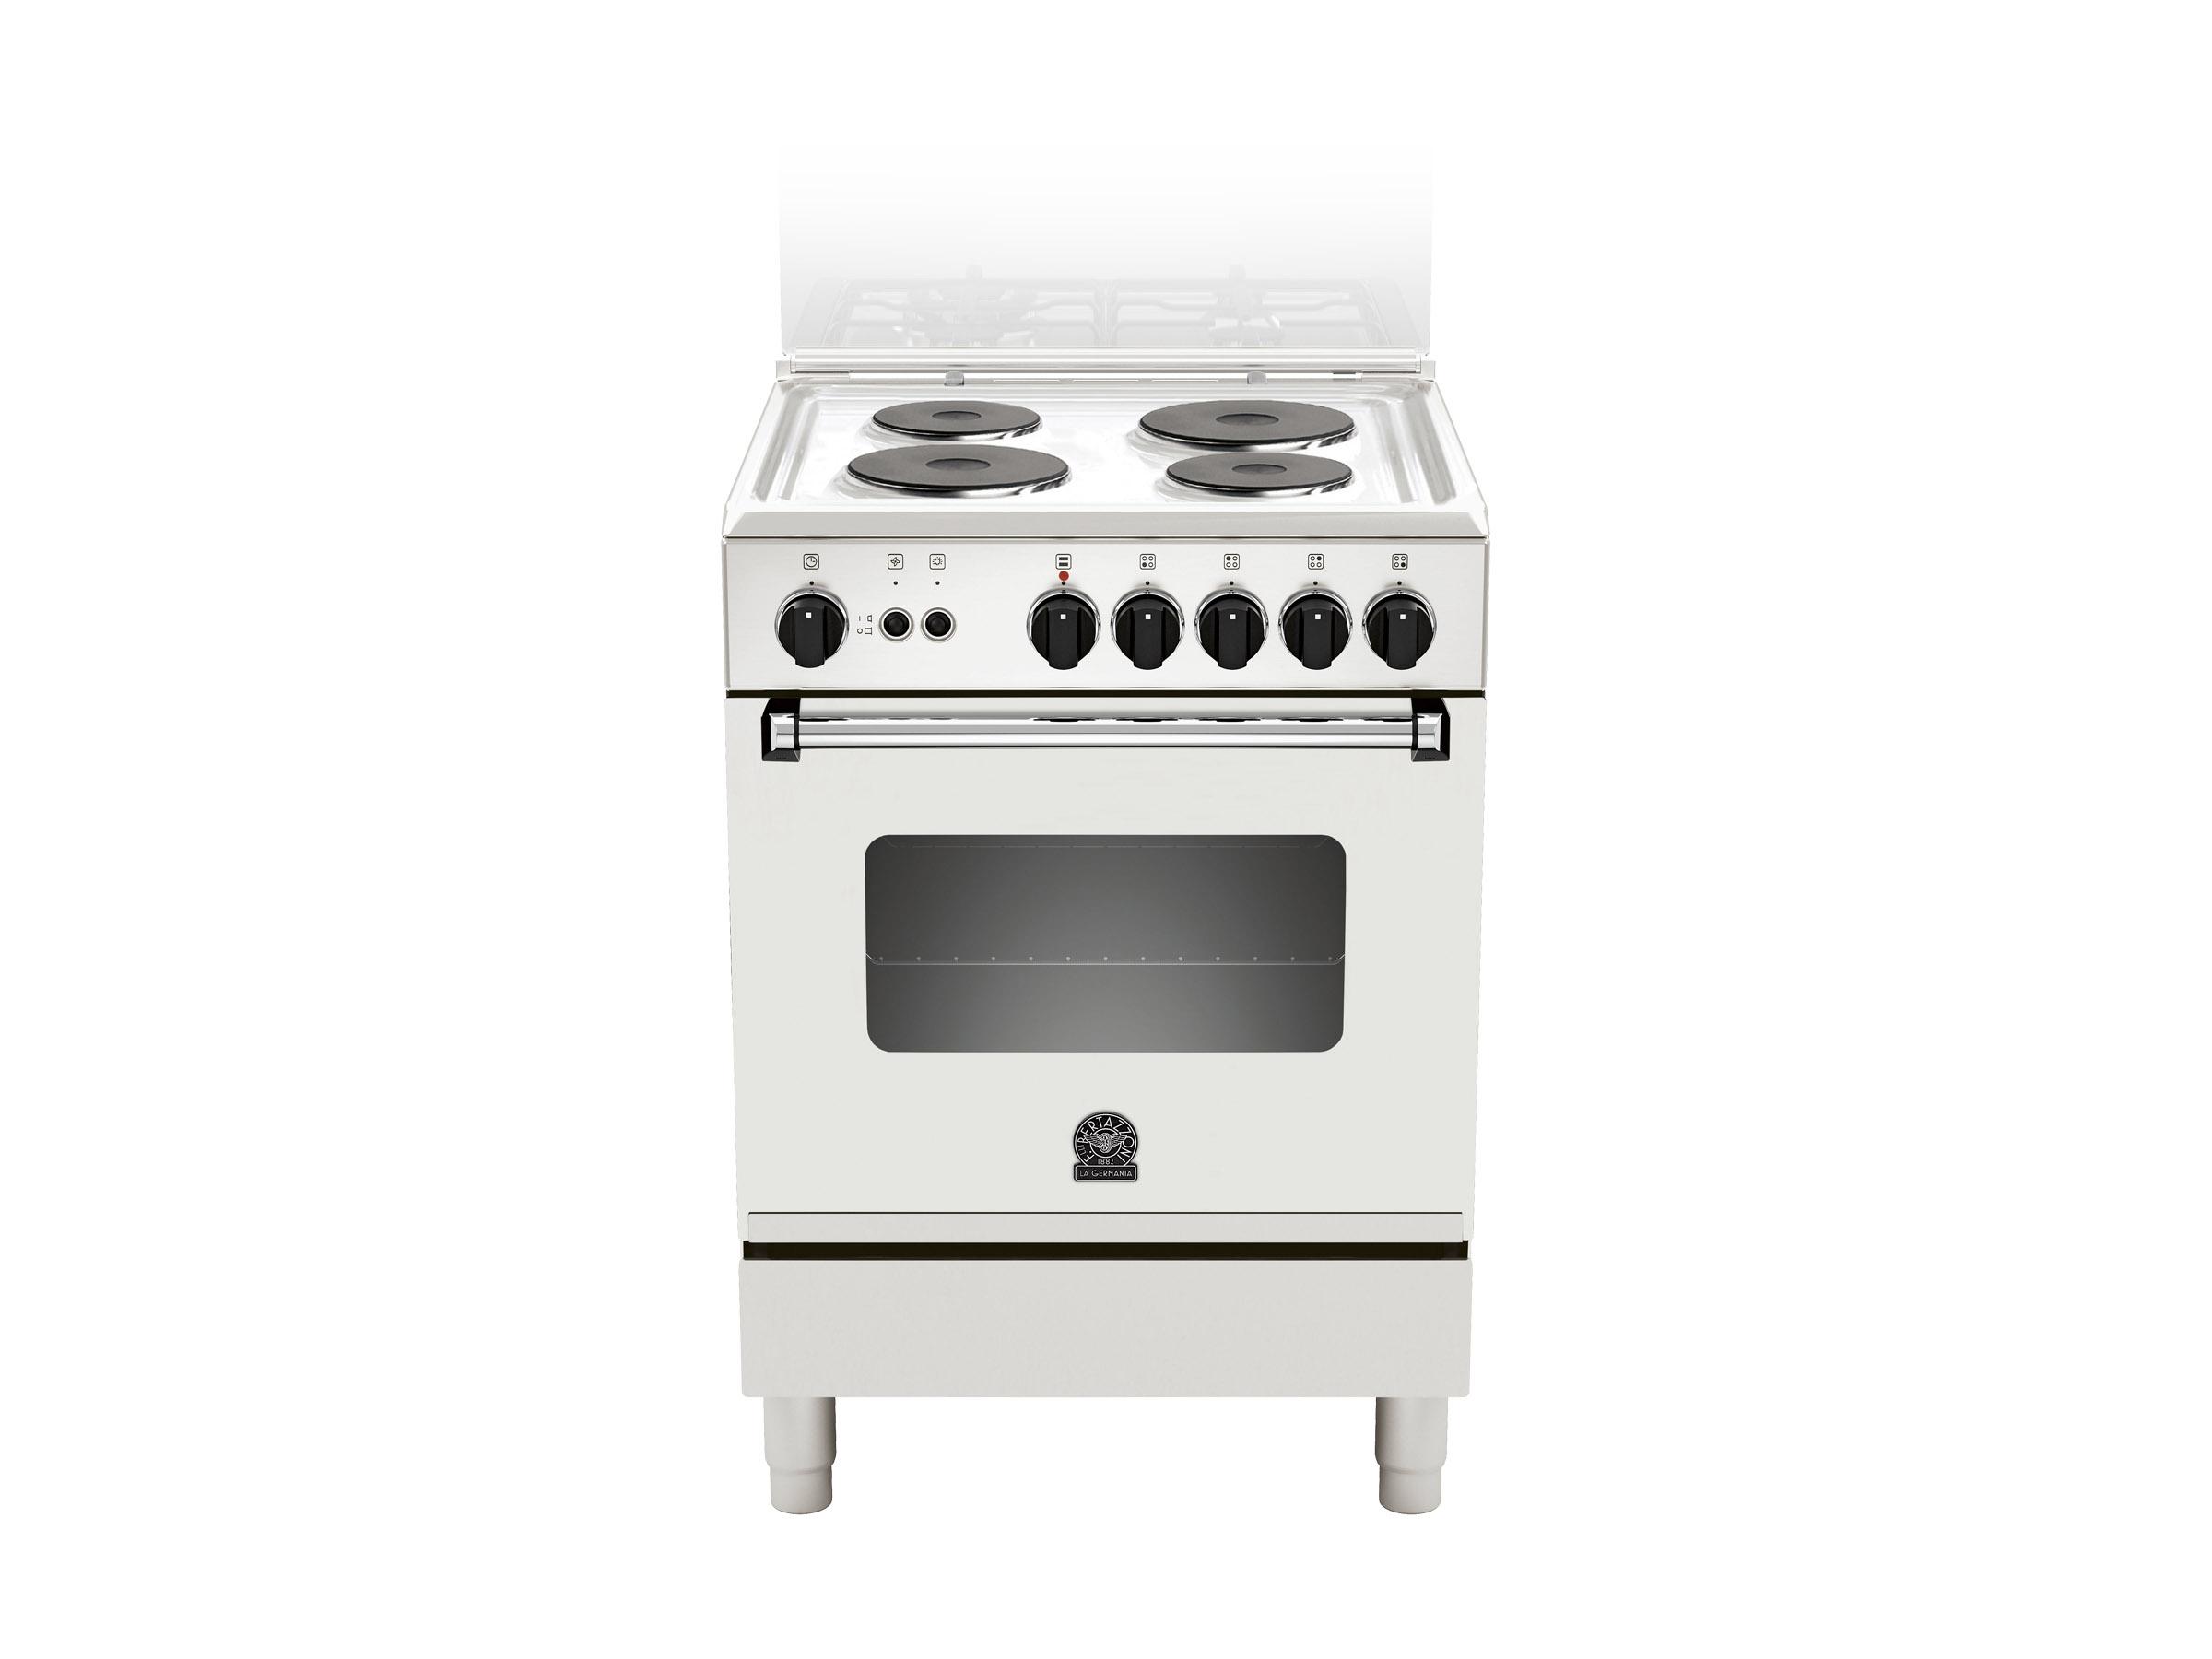 60 4 piastre forno elettrico dw bertazzoni la germania - Cucine con piastre elettriche ...